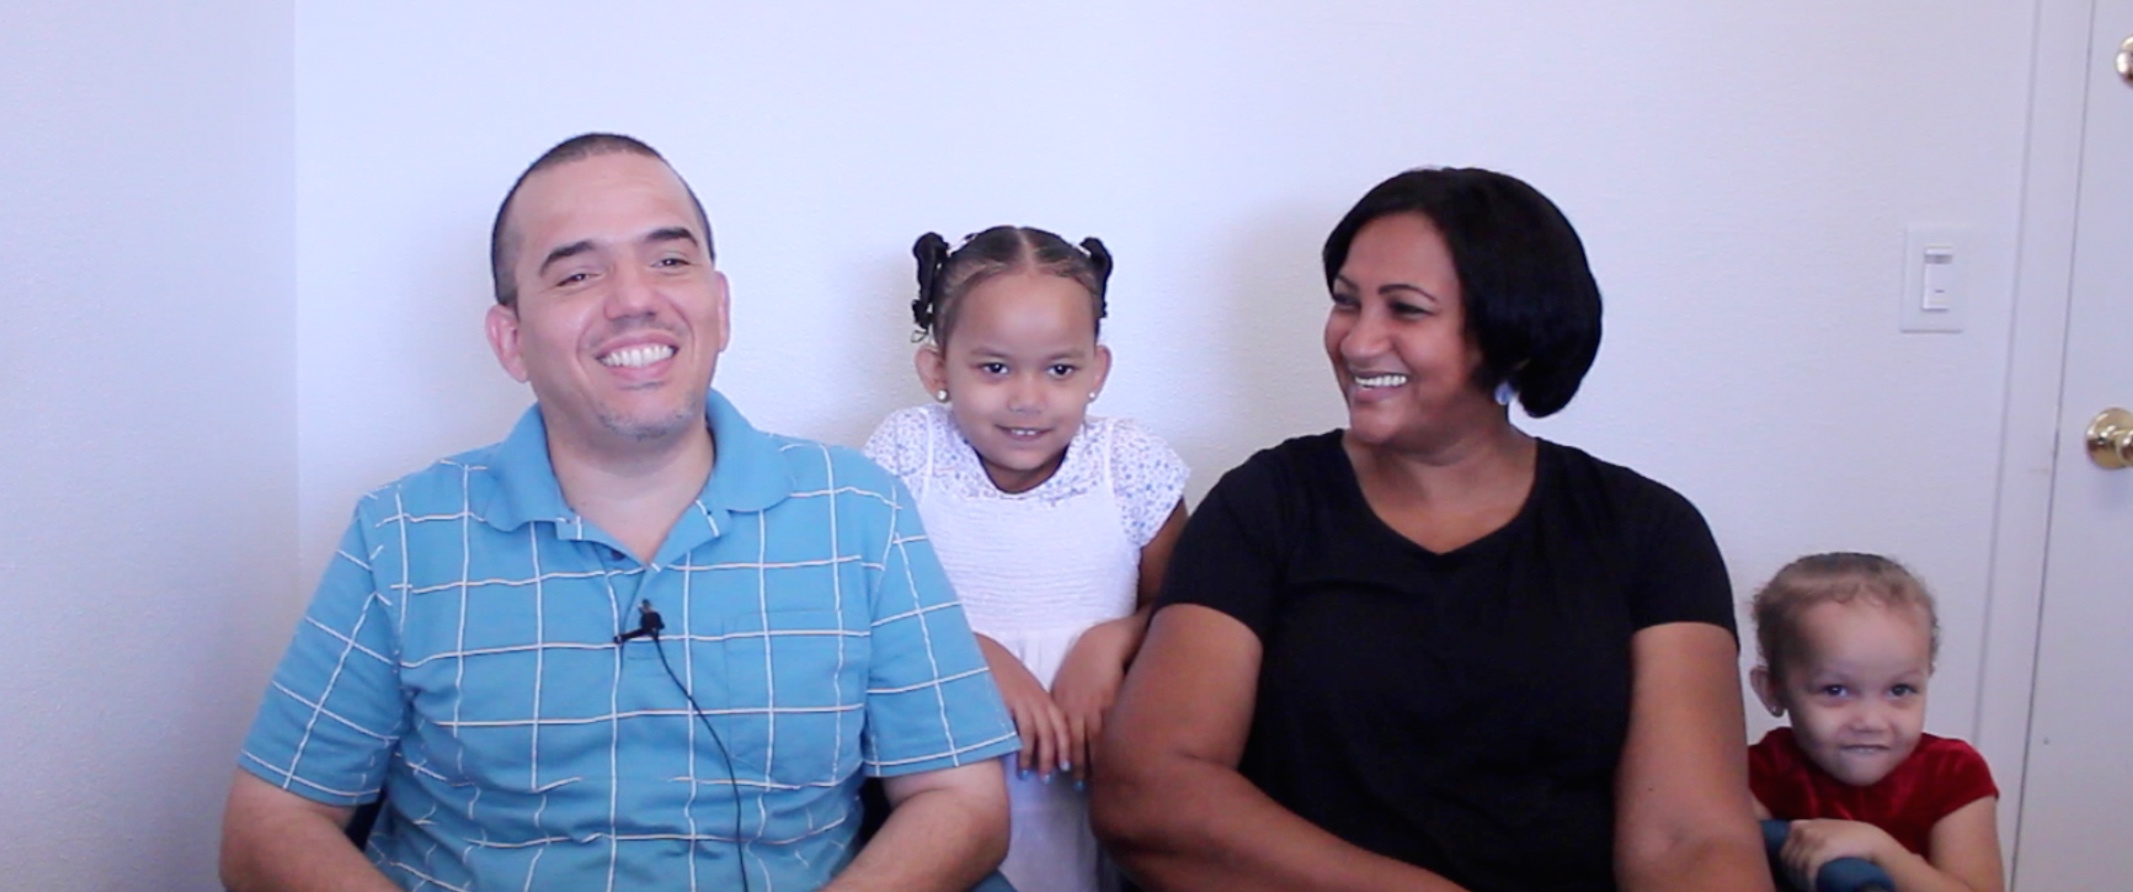 The Irizarry Family